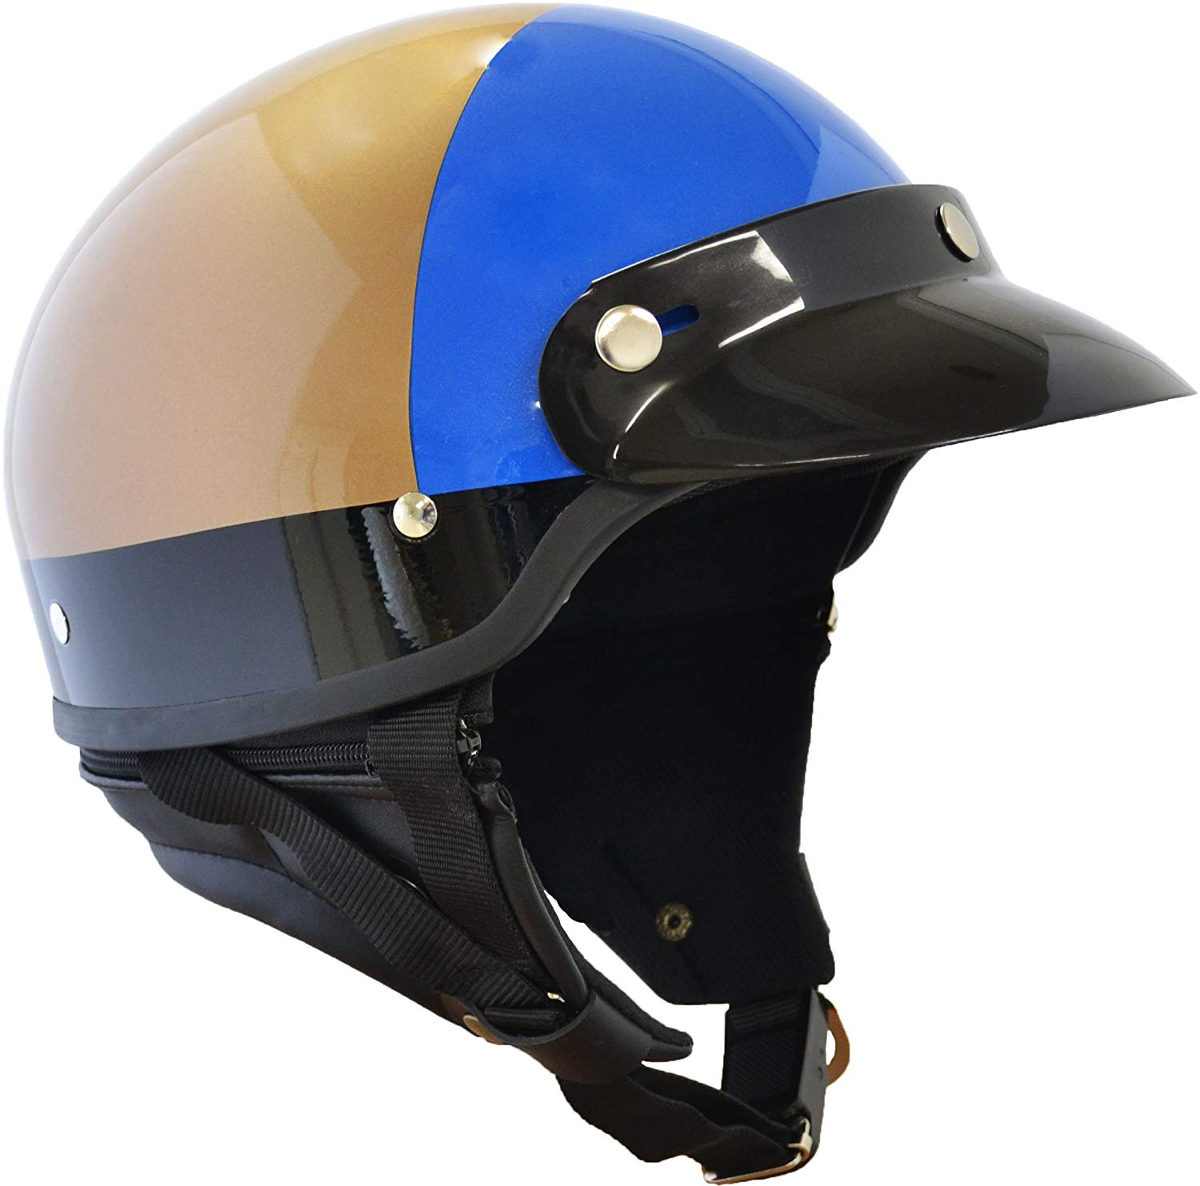 マルシン(Marushin) バイクヘルメット ハーフ MP-110 U.S.A POLICE STYLE ゴールド/ブルー フリーサイズ (57~60CM未満)